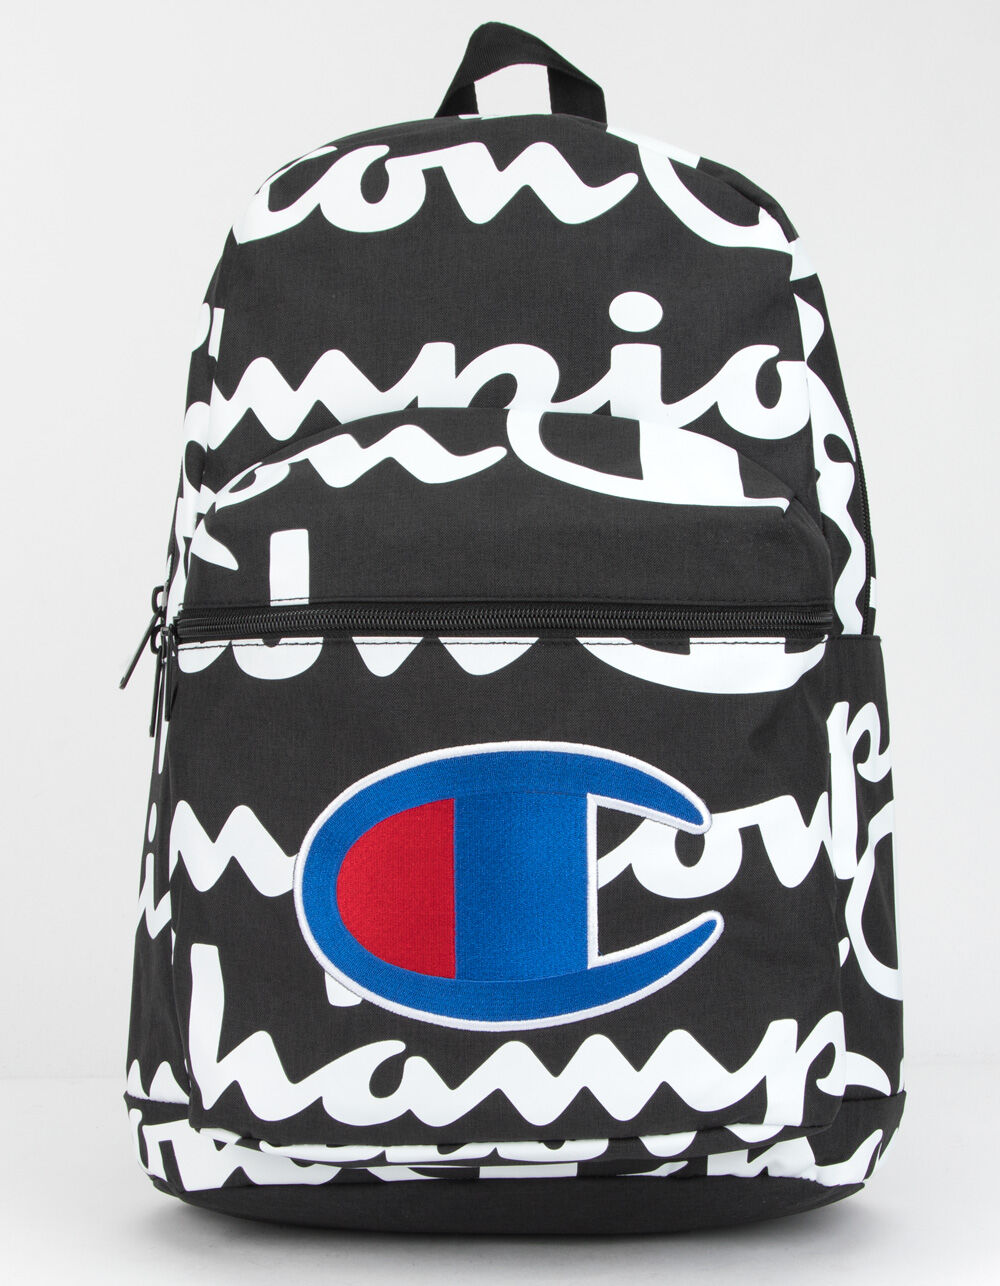 CHAMPION Supercize 2.0 Black Backpack